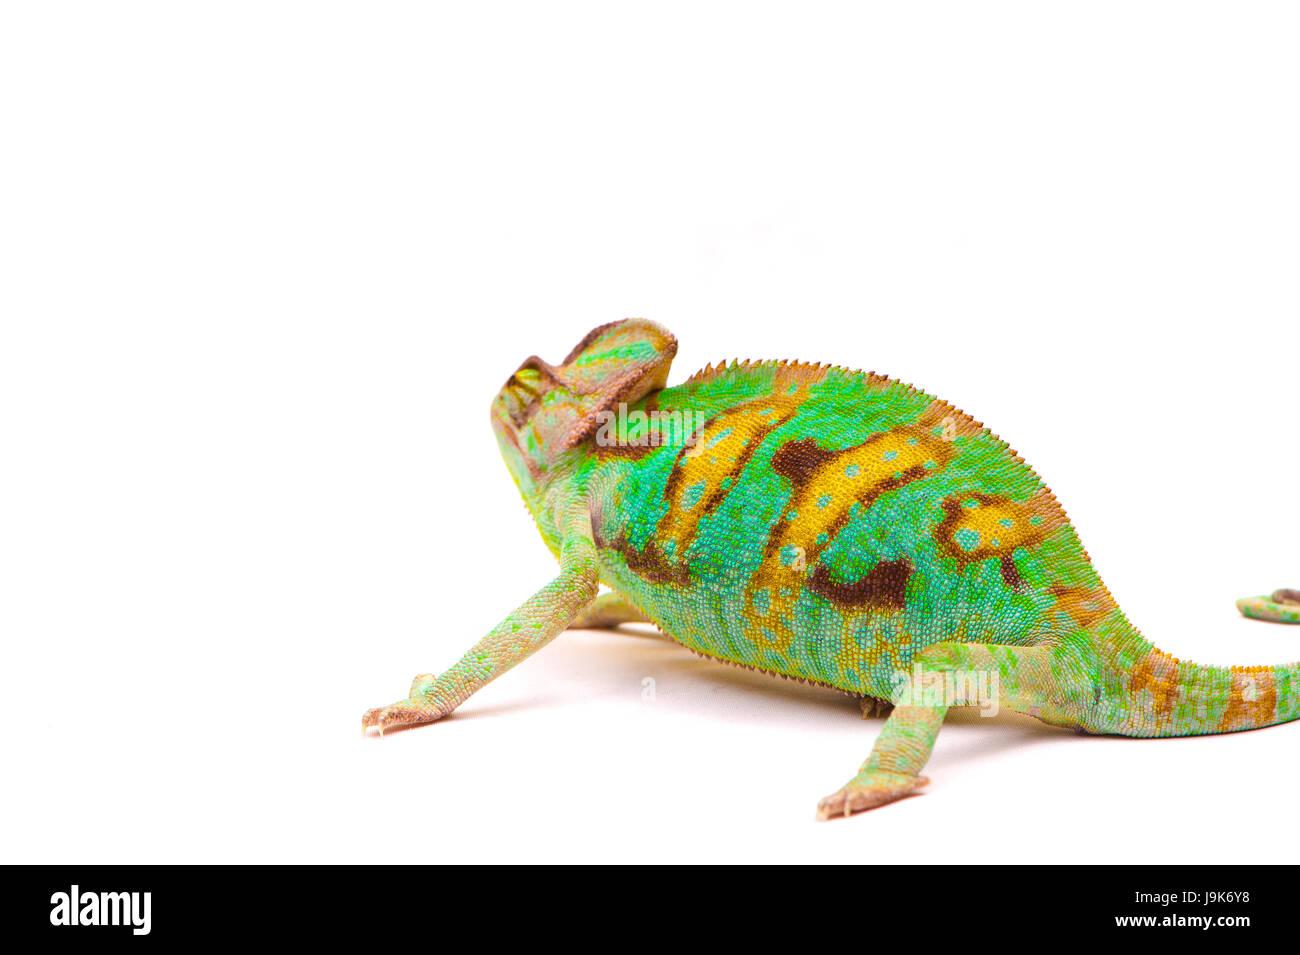 Yemen chameleon muzzle isolated on white background Stock Photo